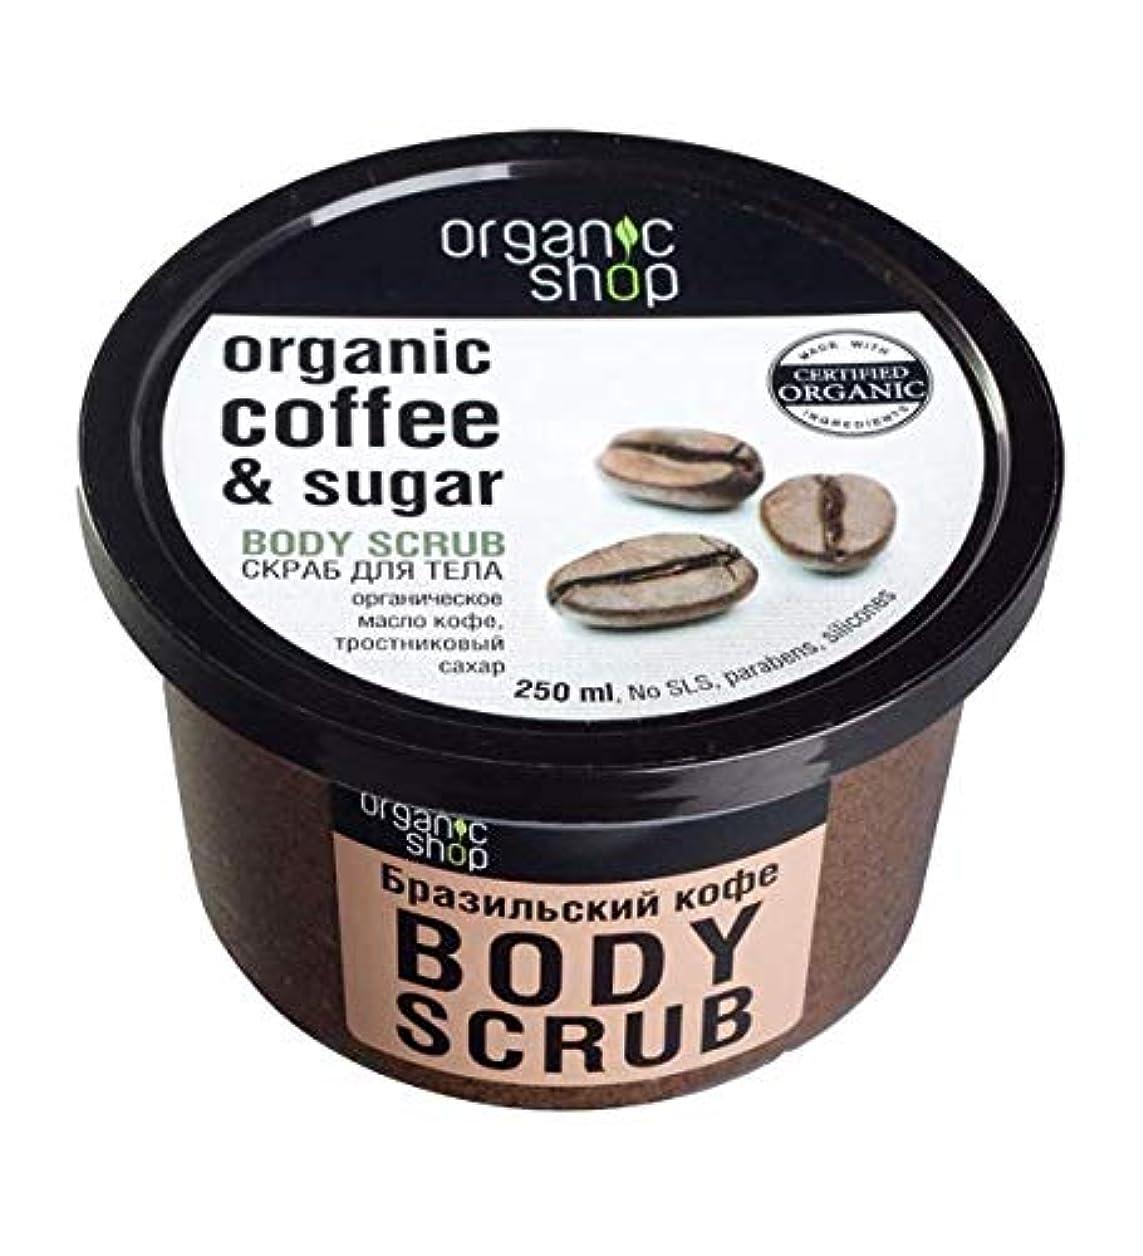 捧げるつかまえる一貫した【話題沸騰中】ロシア産 ORGANIC SHOP オーガニック ショップ ボディスクラブ coffee&sugar 250ml 「ブラジルコーヒー」